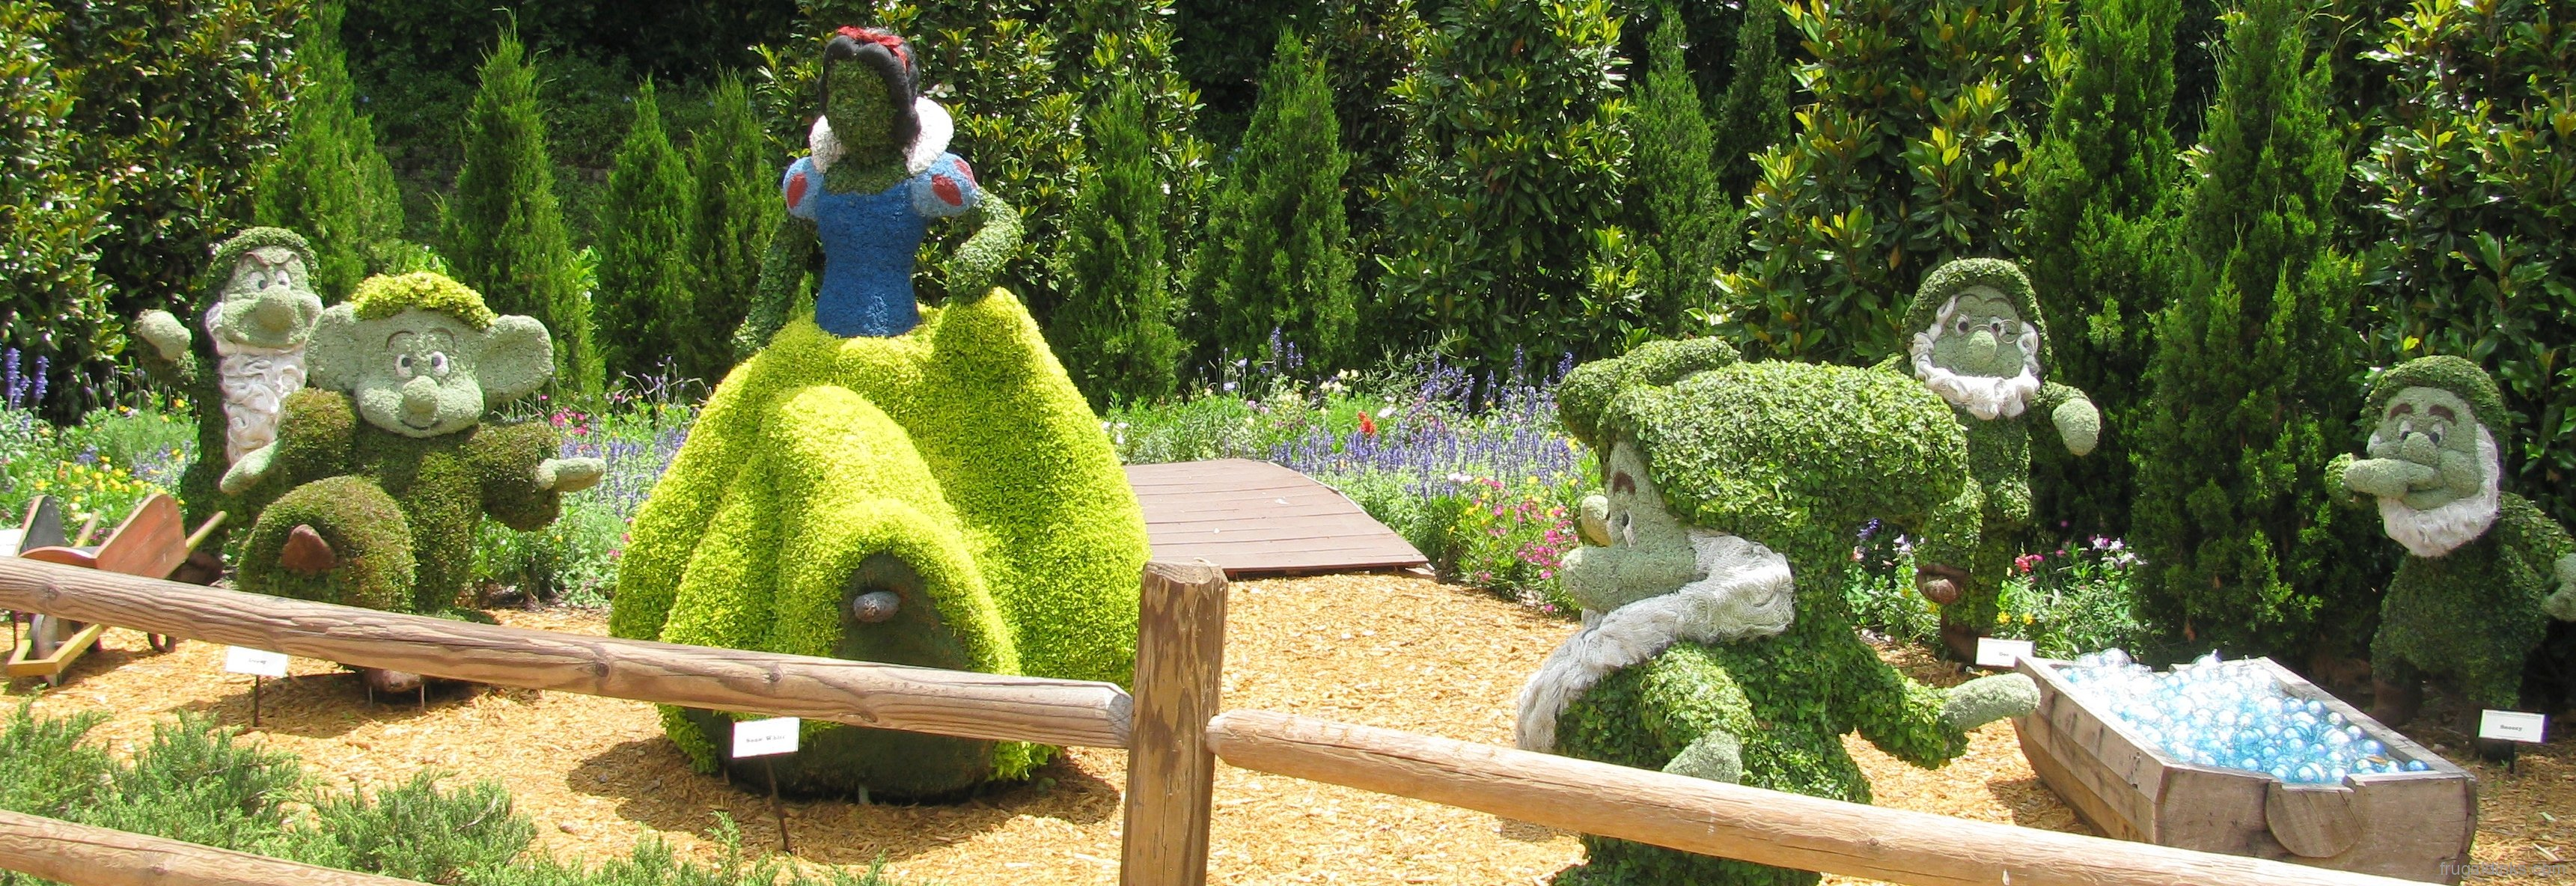 2011-epcot-flower-garden-festival-53